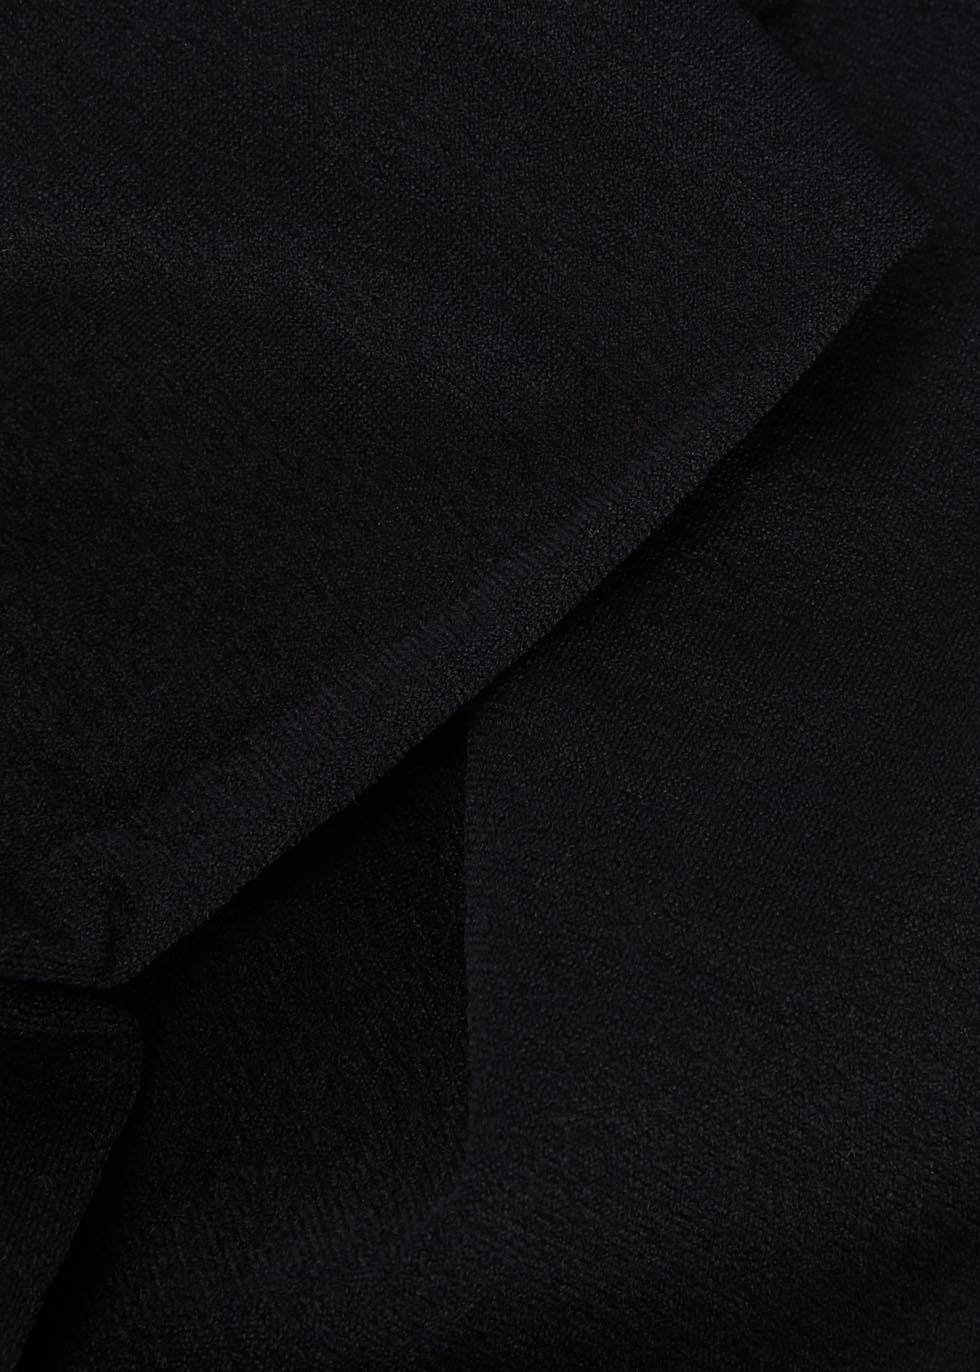 Velvet De Luxe black 50 denier hold-ups - Wolford